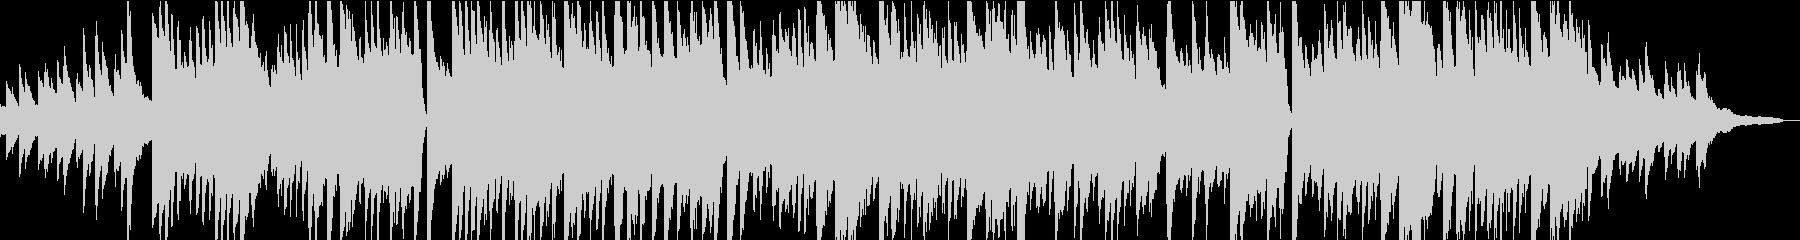 優しいピアノソロBGMの未再生の波形